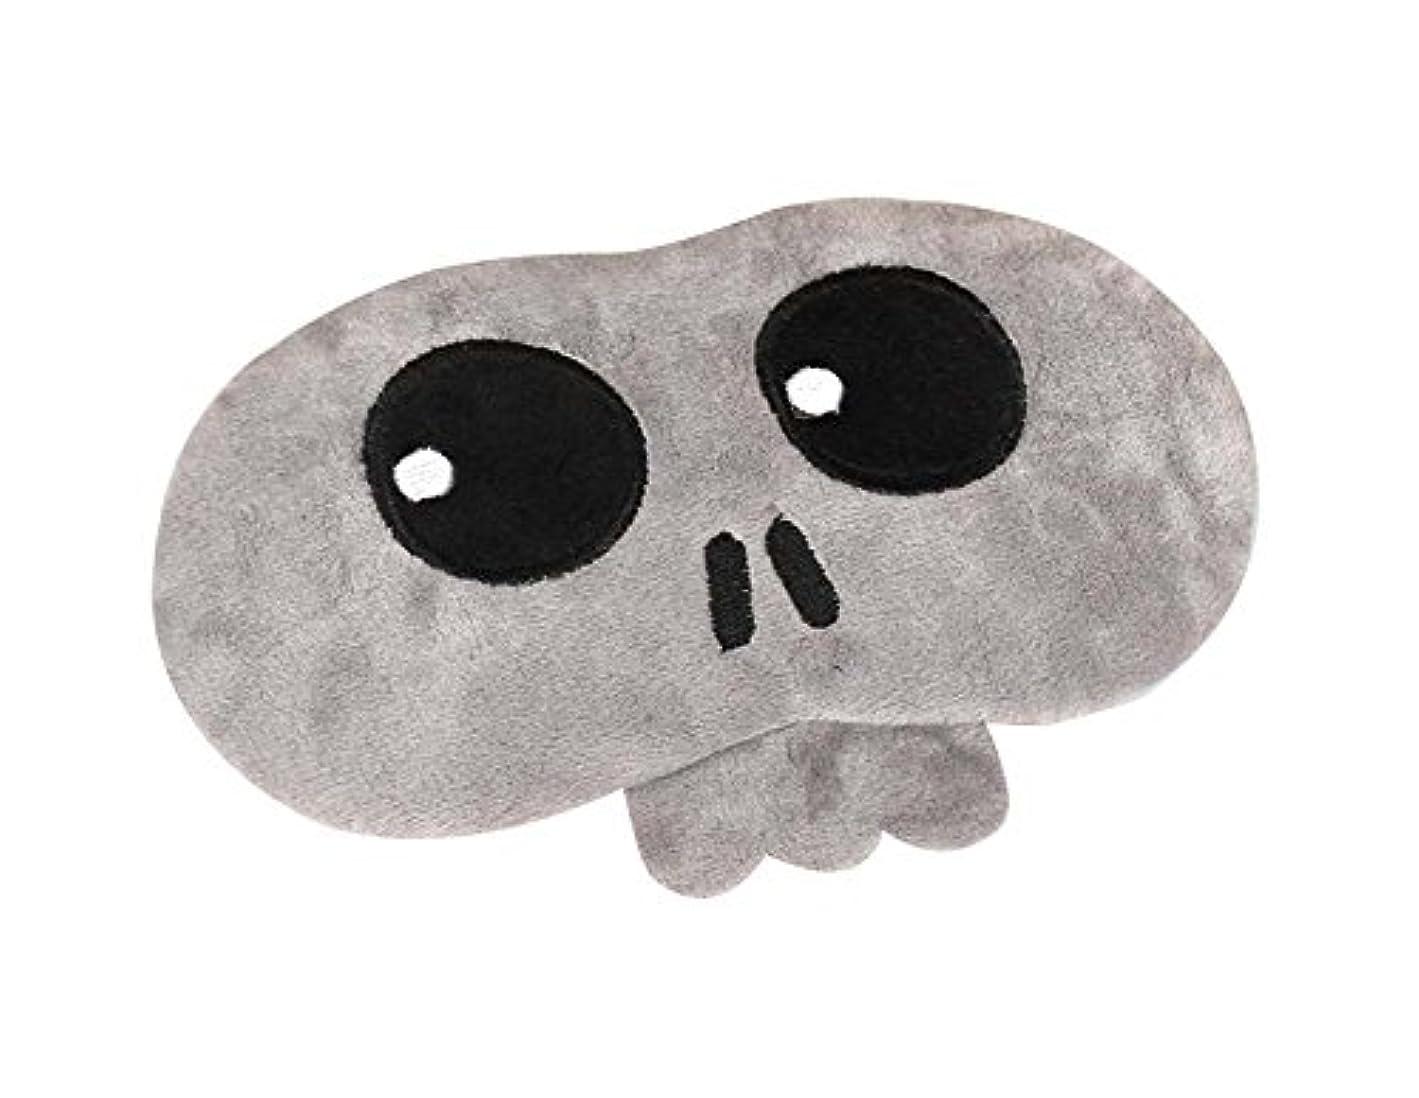 ポテトアルバニー飢え灰色の頭蓋骨の睡眠の目のマスク快適な目のカバー通気性のアイシェイド